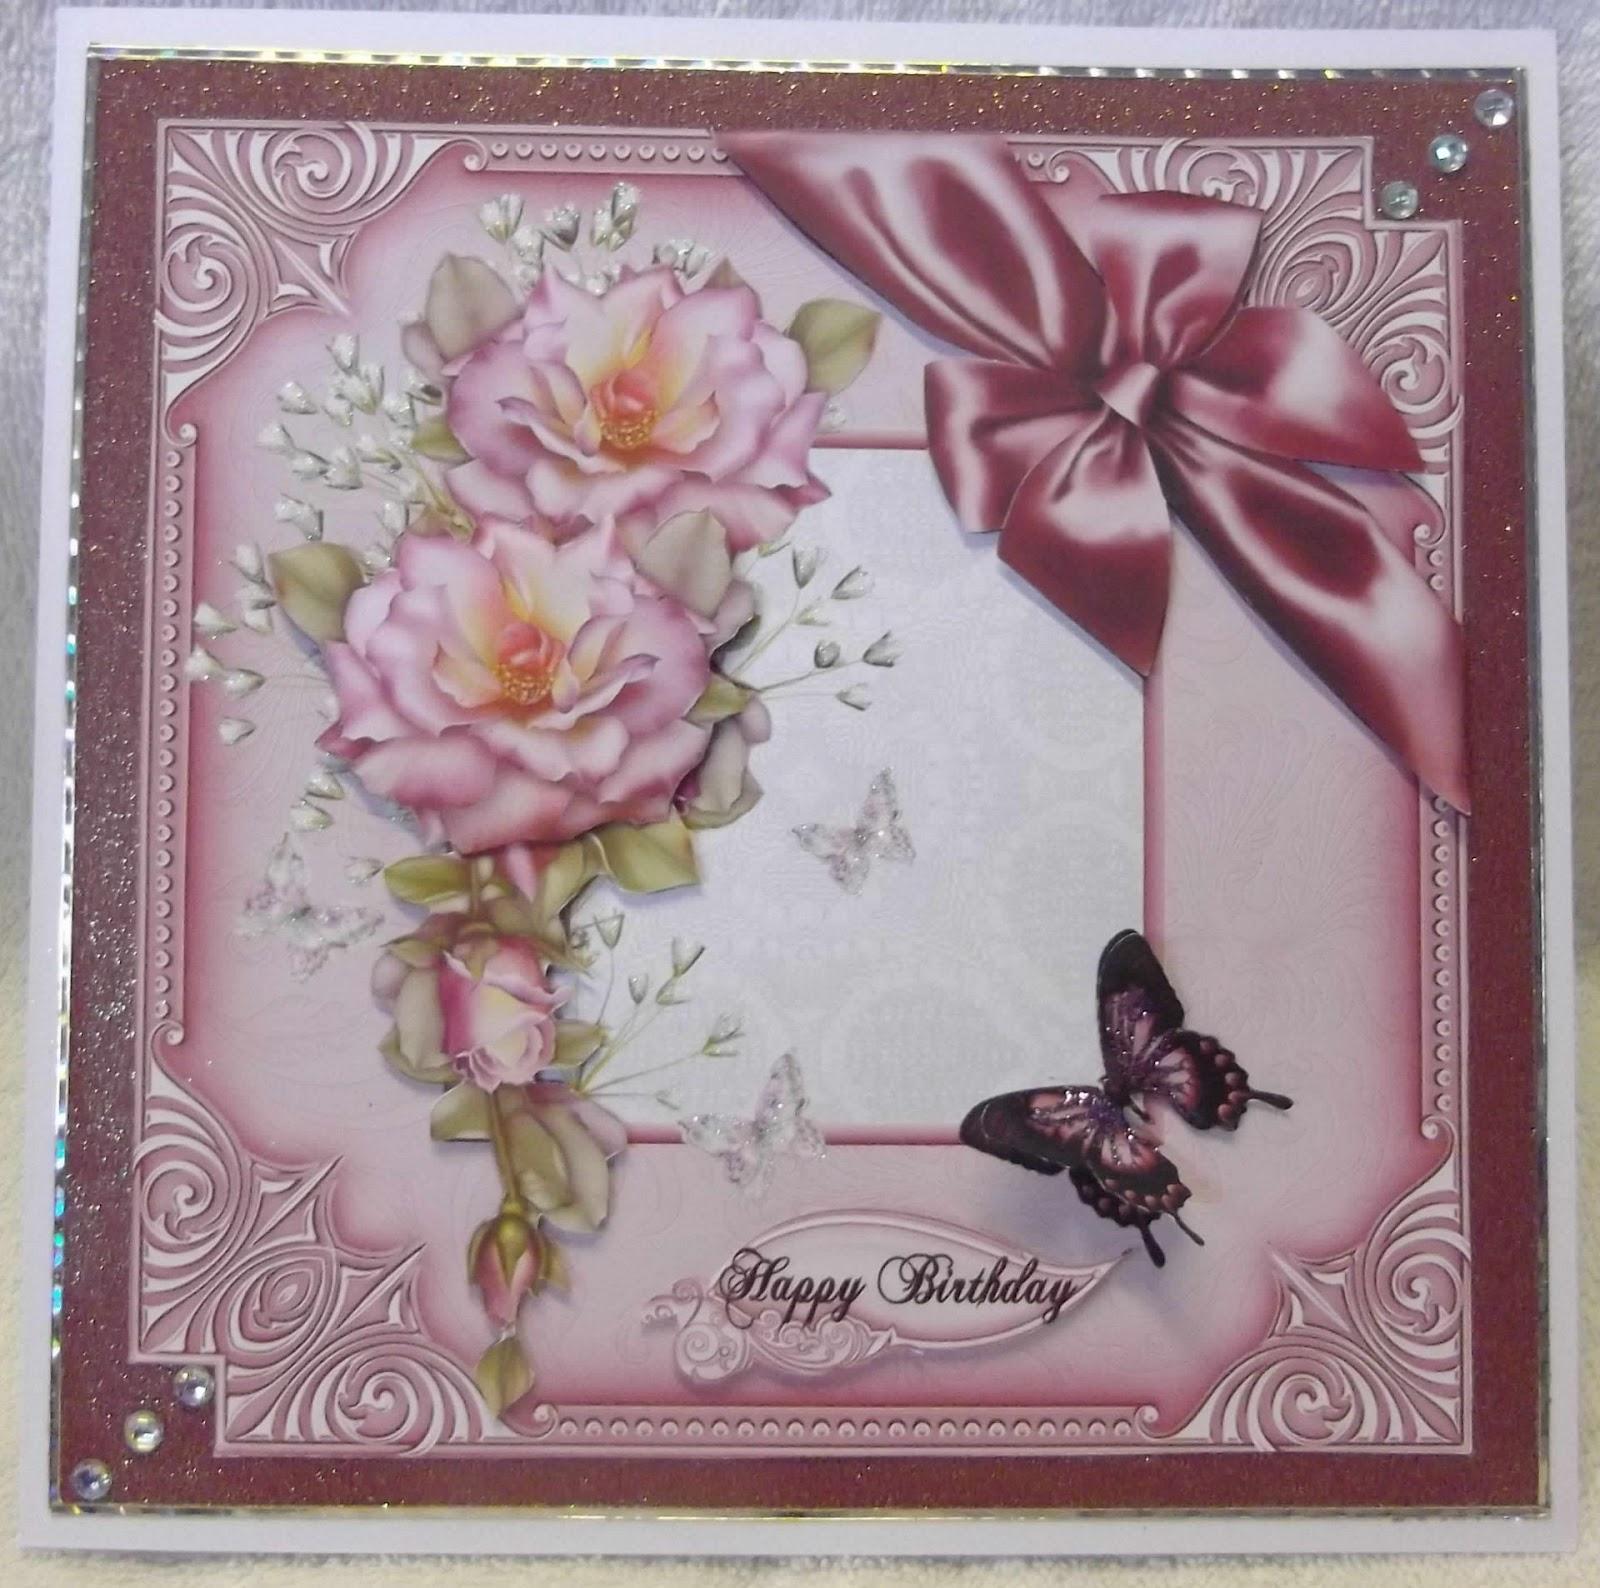 http://3.bp.blogspot.com/-2nEP-xMAhmI/T15E6yQwTfI/AAAAAAAAbR0/_7KNTZ5955U/s1600/Rose+&+Butterfly+a.JPG